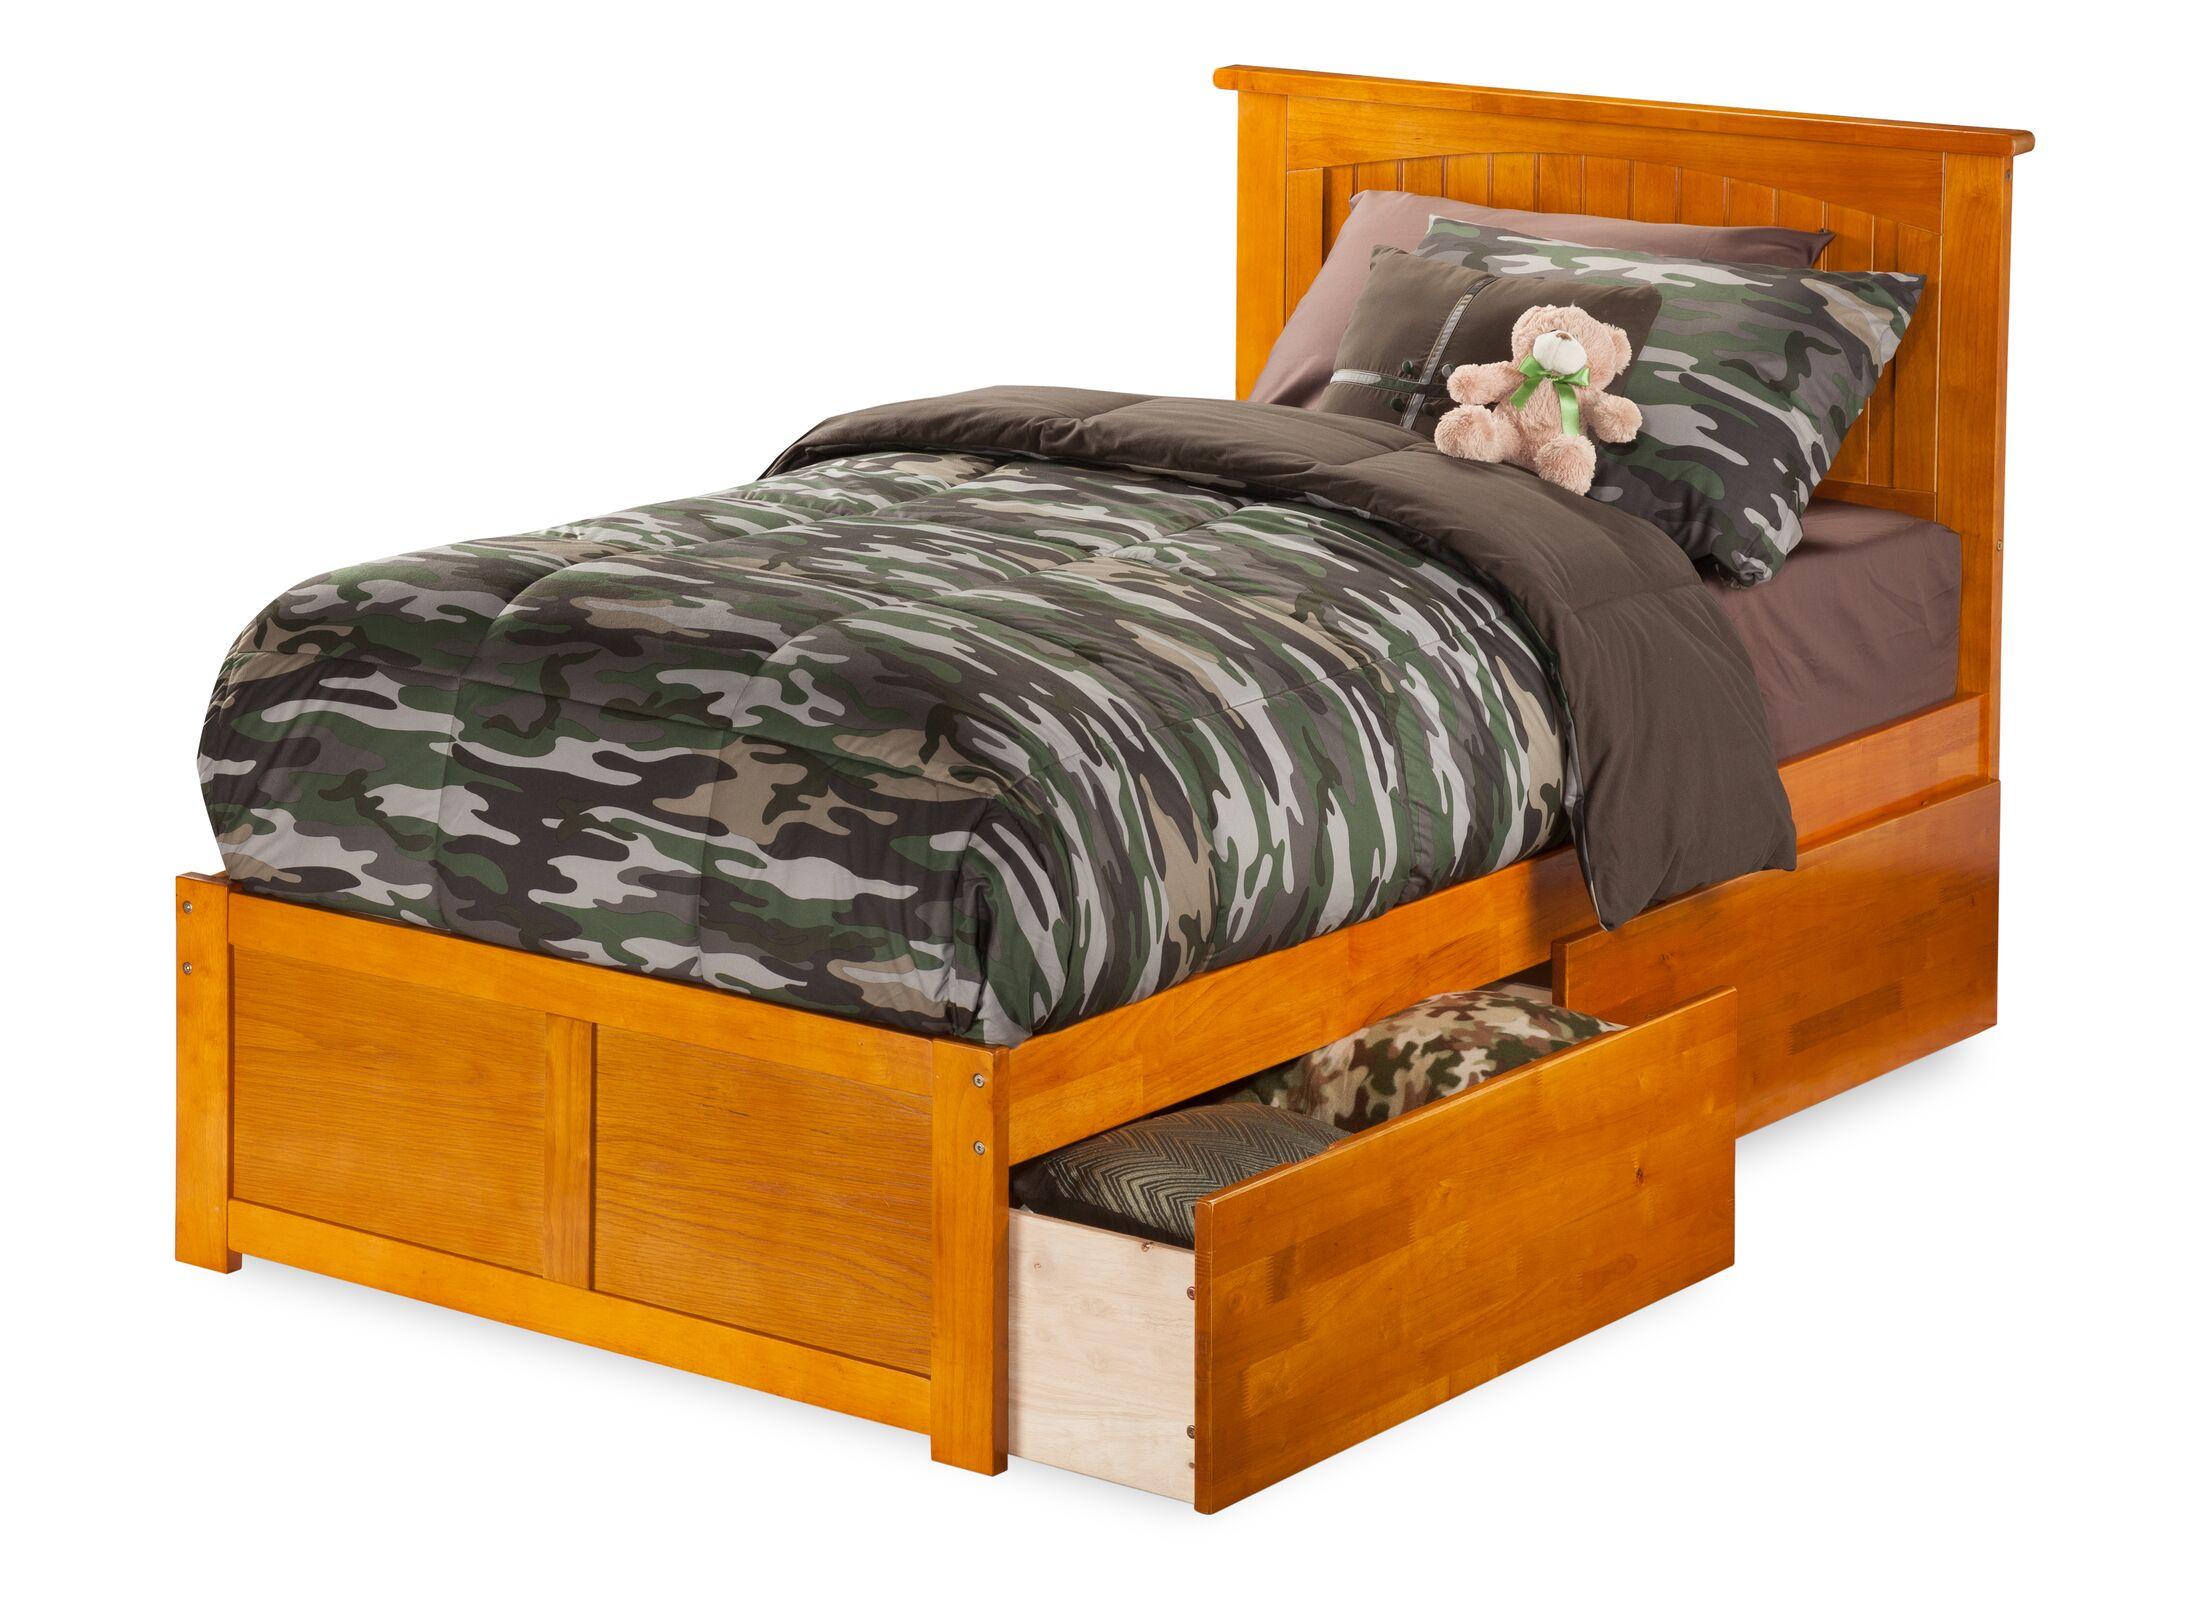 Graham Storage Platform Bed Color: Caramel Latte, Size: Twin